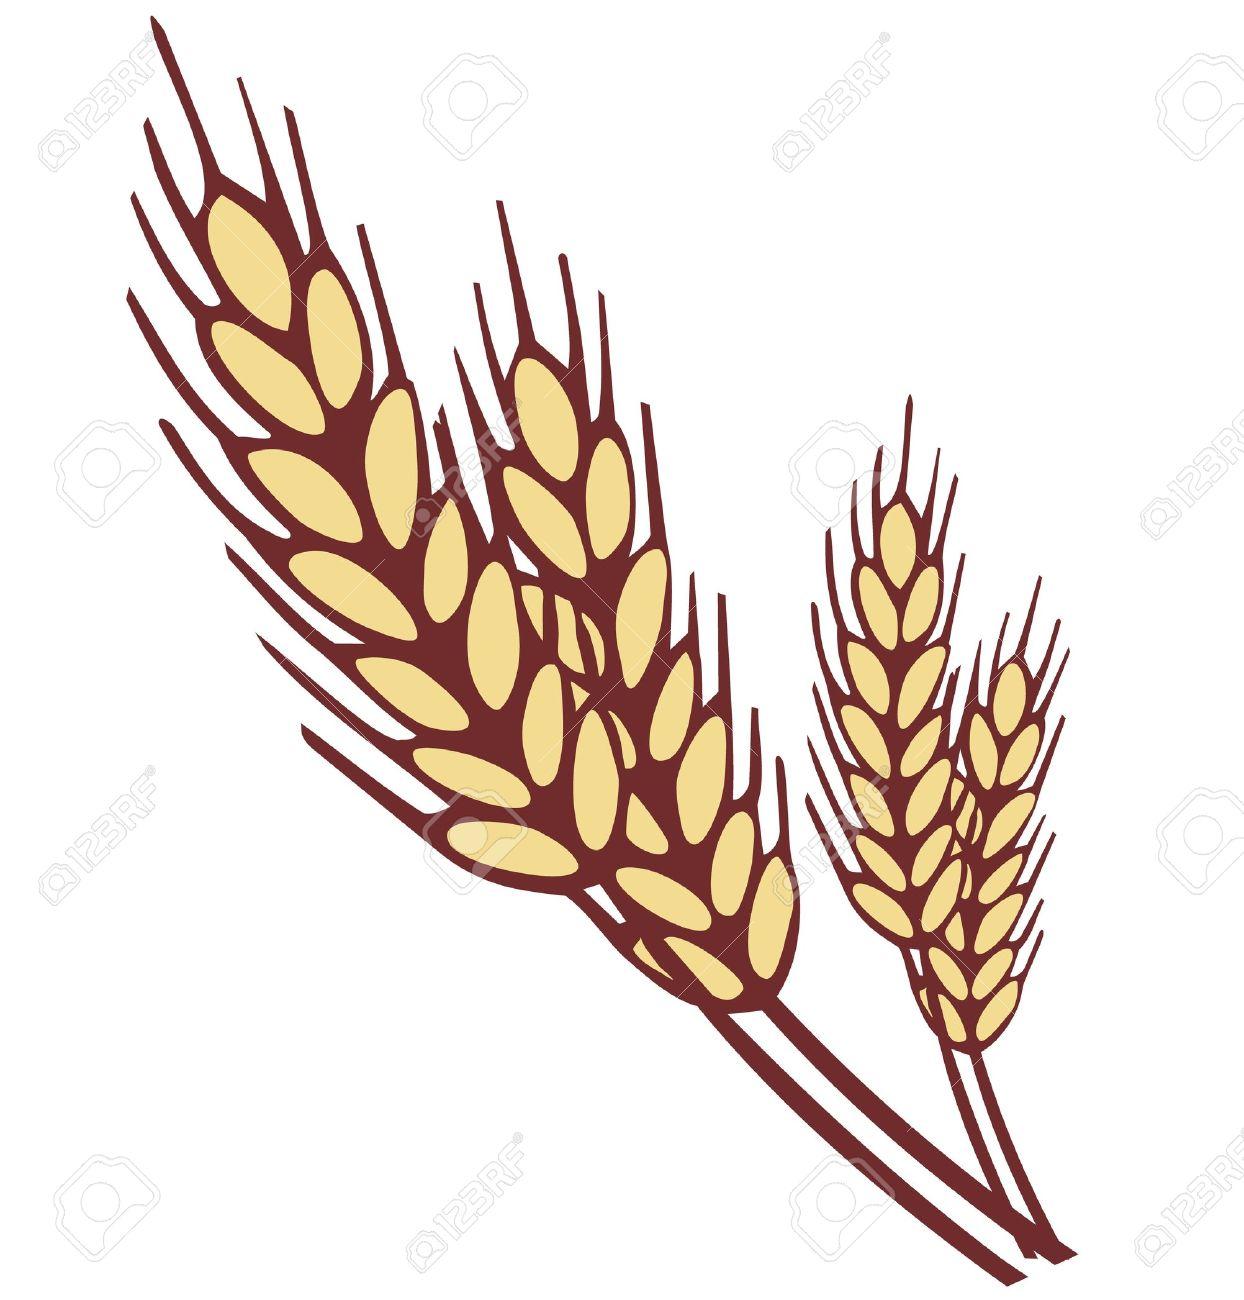 Wheat ear Stock Vector - 19591719